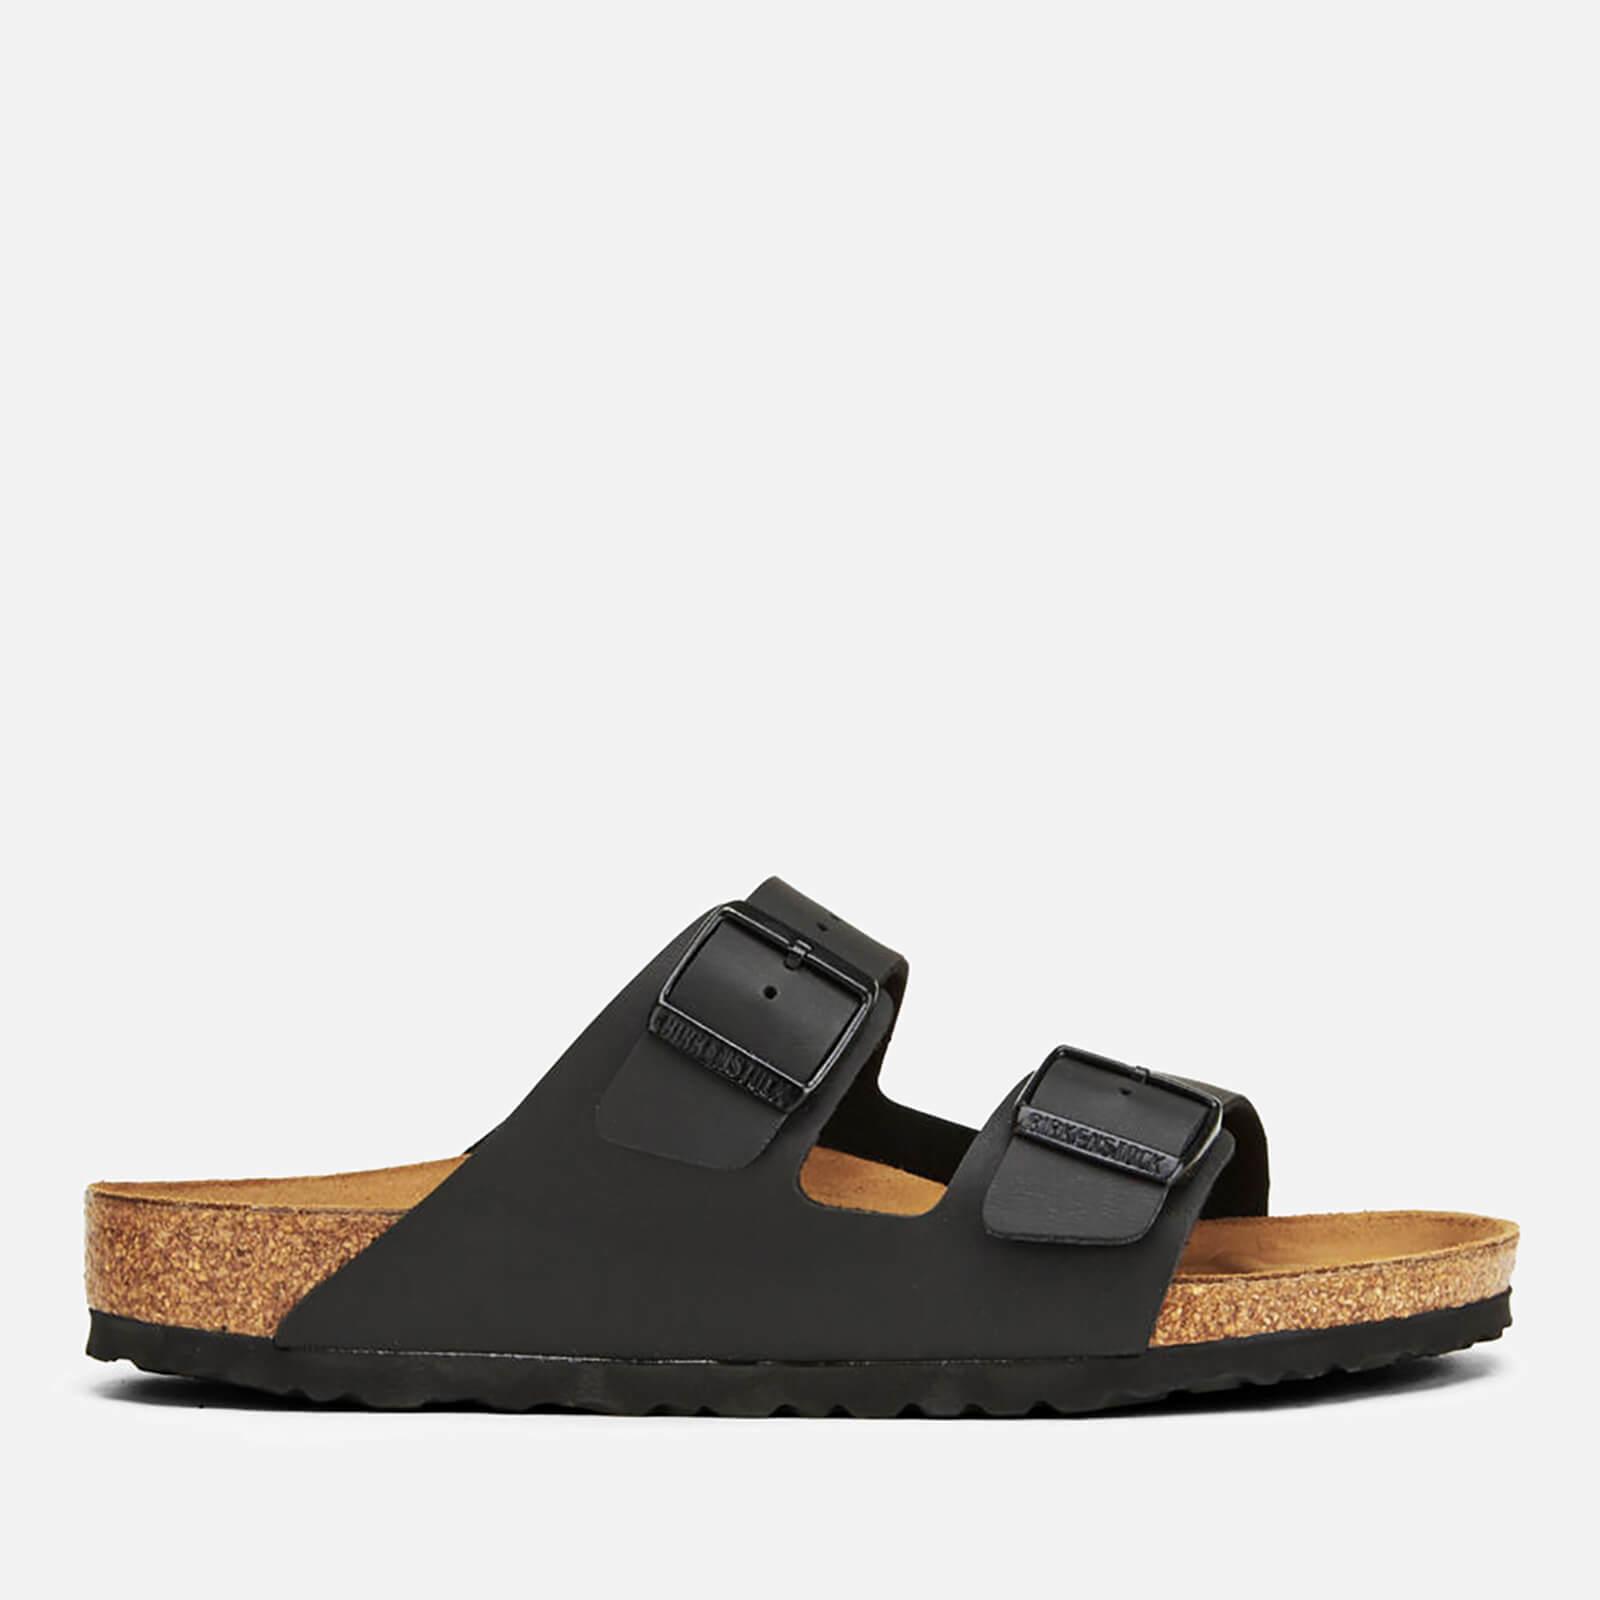 Birkenstock Men's Arizona Double Strap Sandals - Black - EU 41/UK 7.5